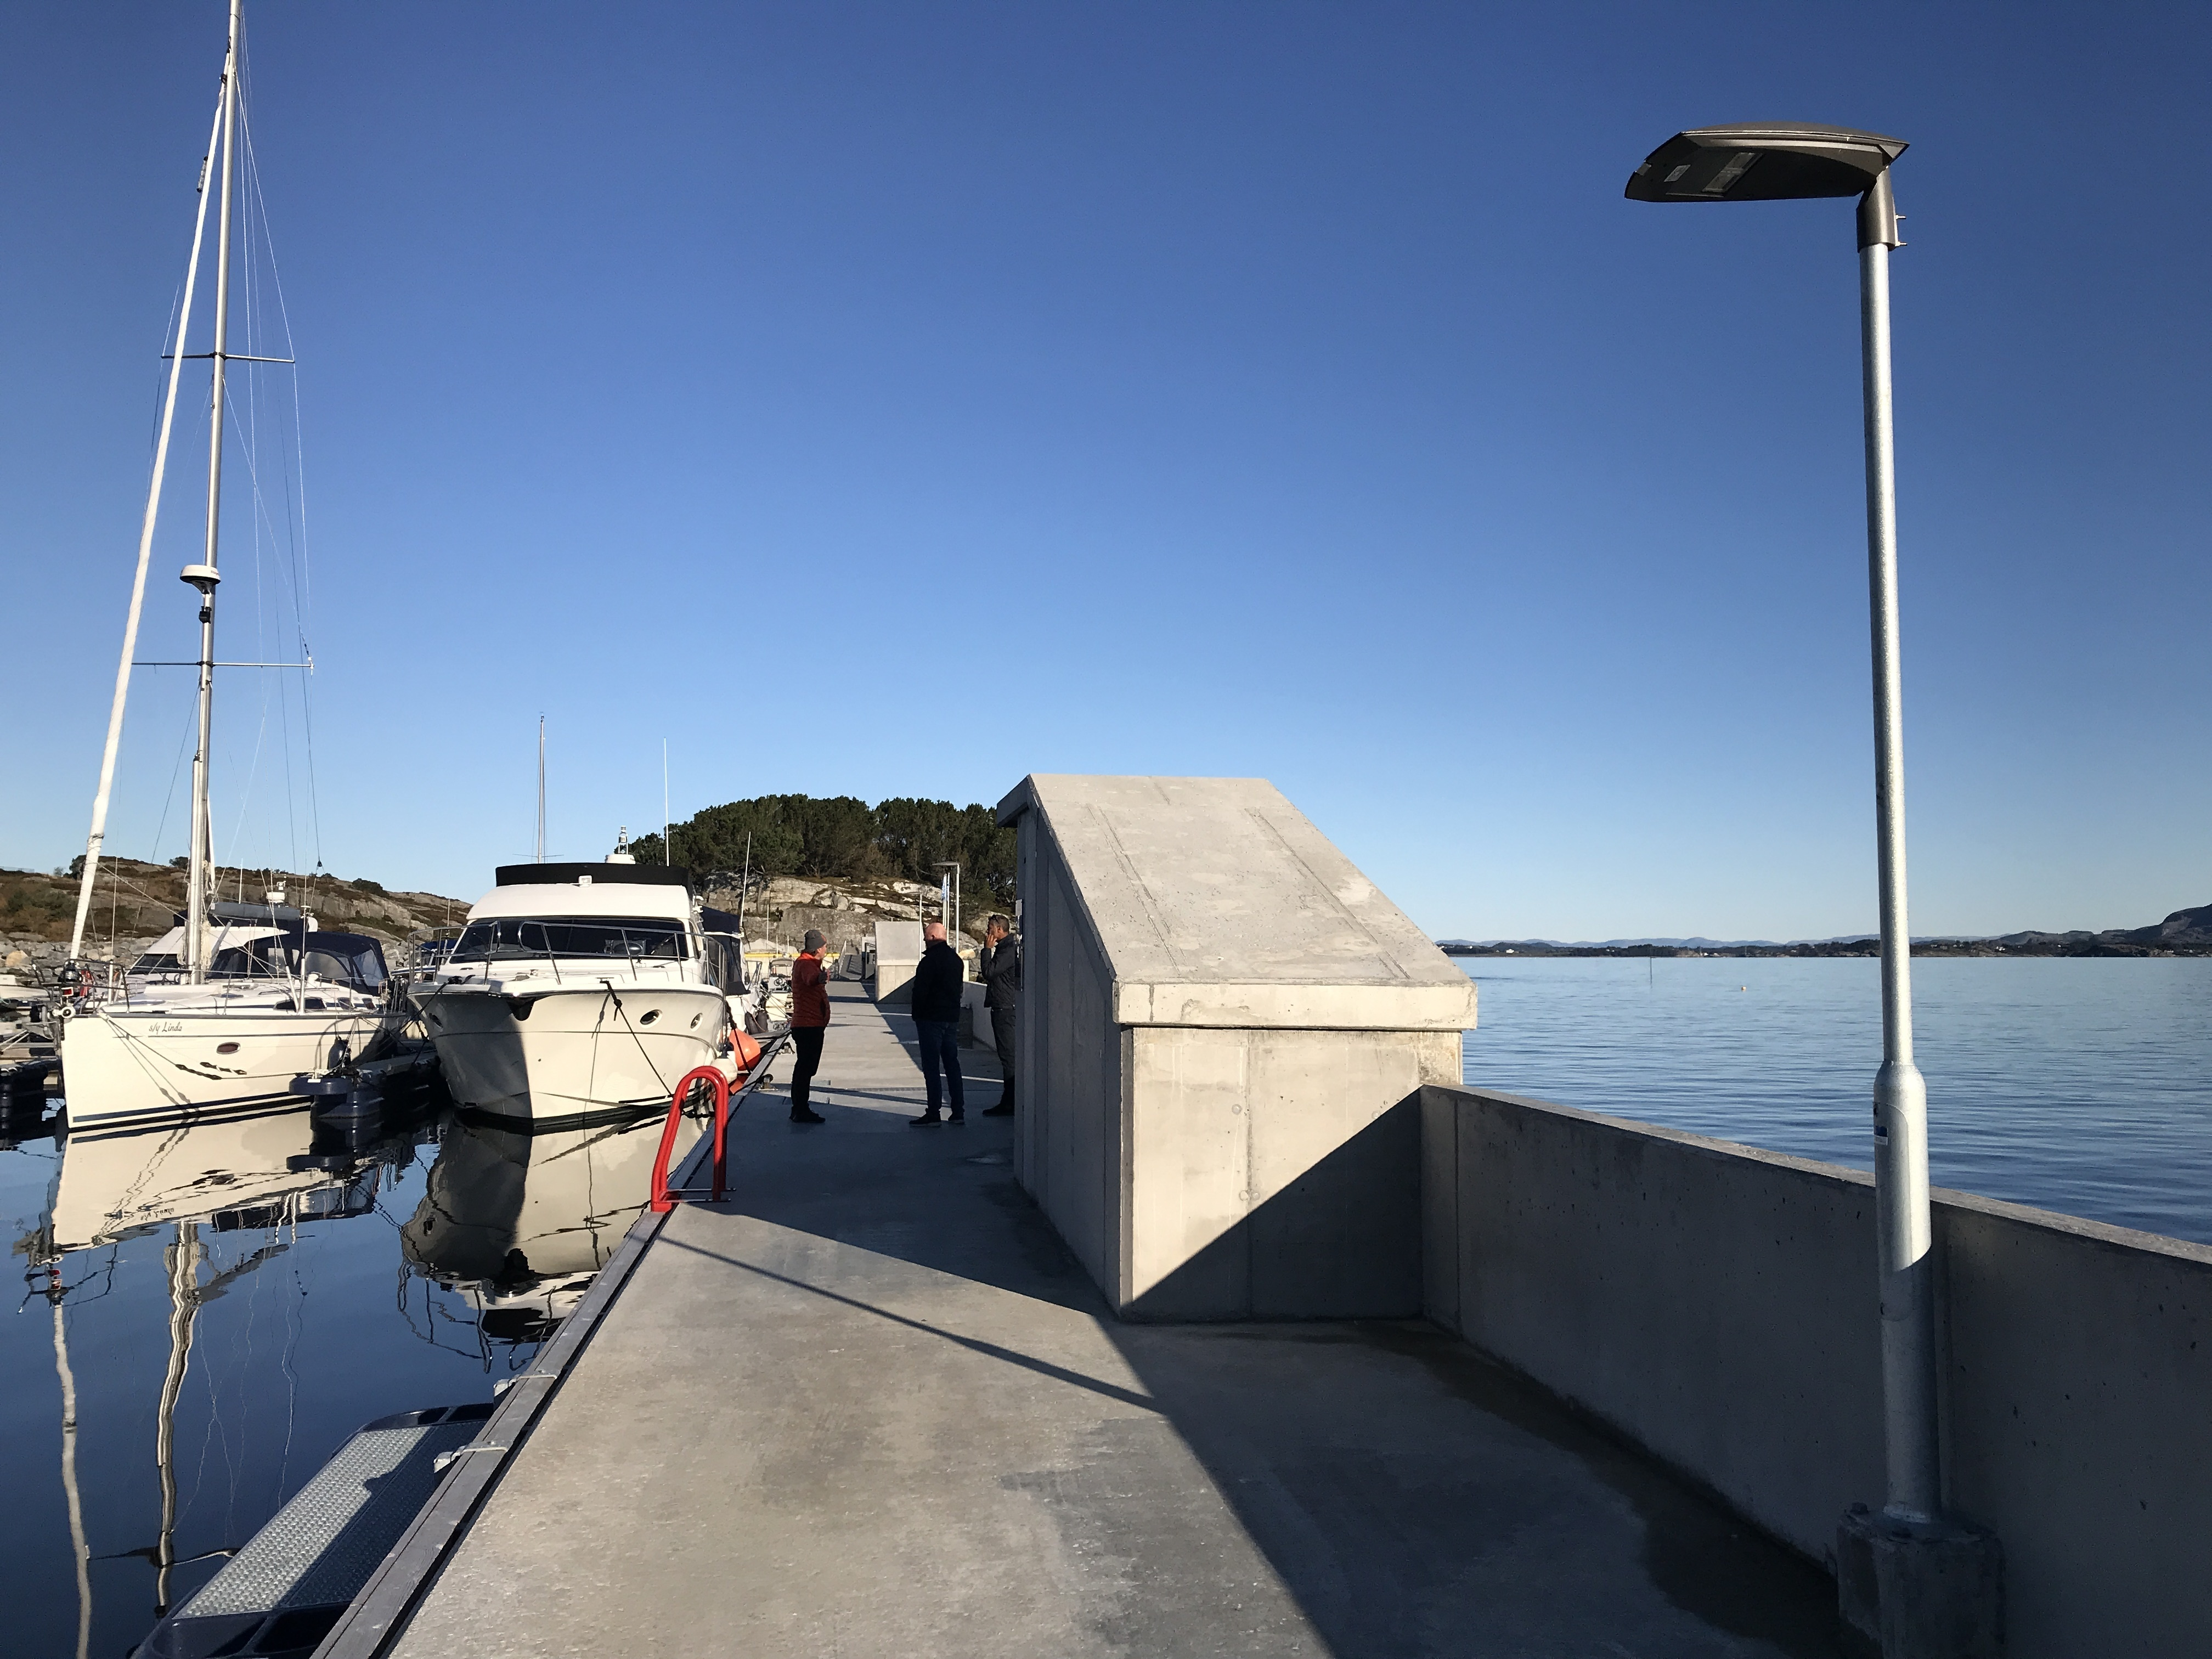 https://marinasolutions.no/uploads/Flytemolo_rennebrygger_landgang-Hjeltefjorden-Båtlag-og-Gjestehavn-69.JPG